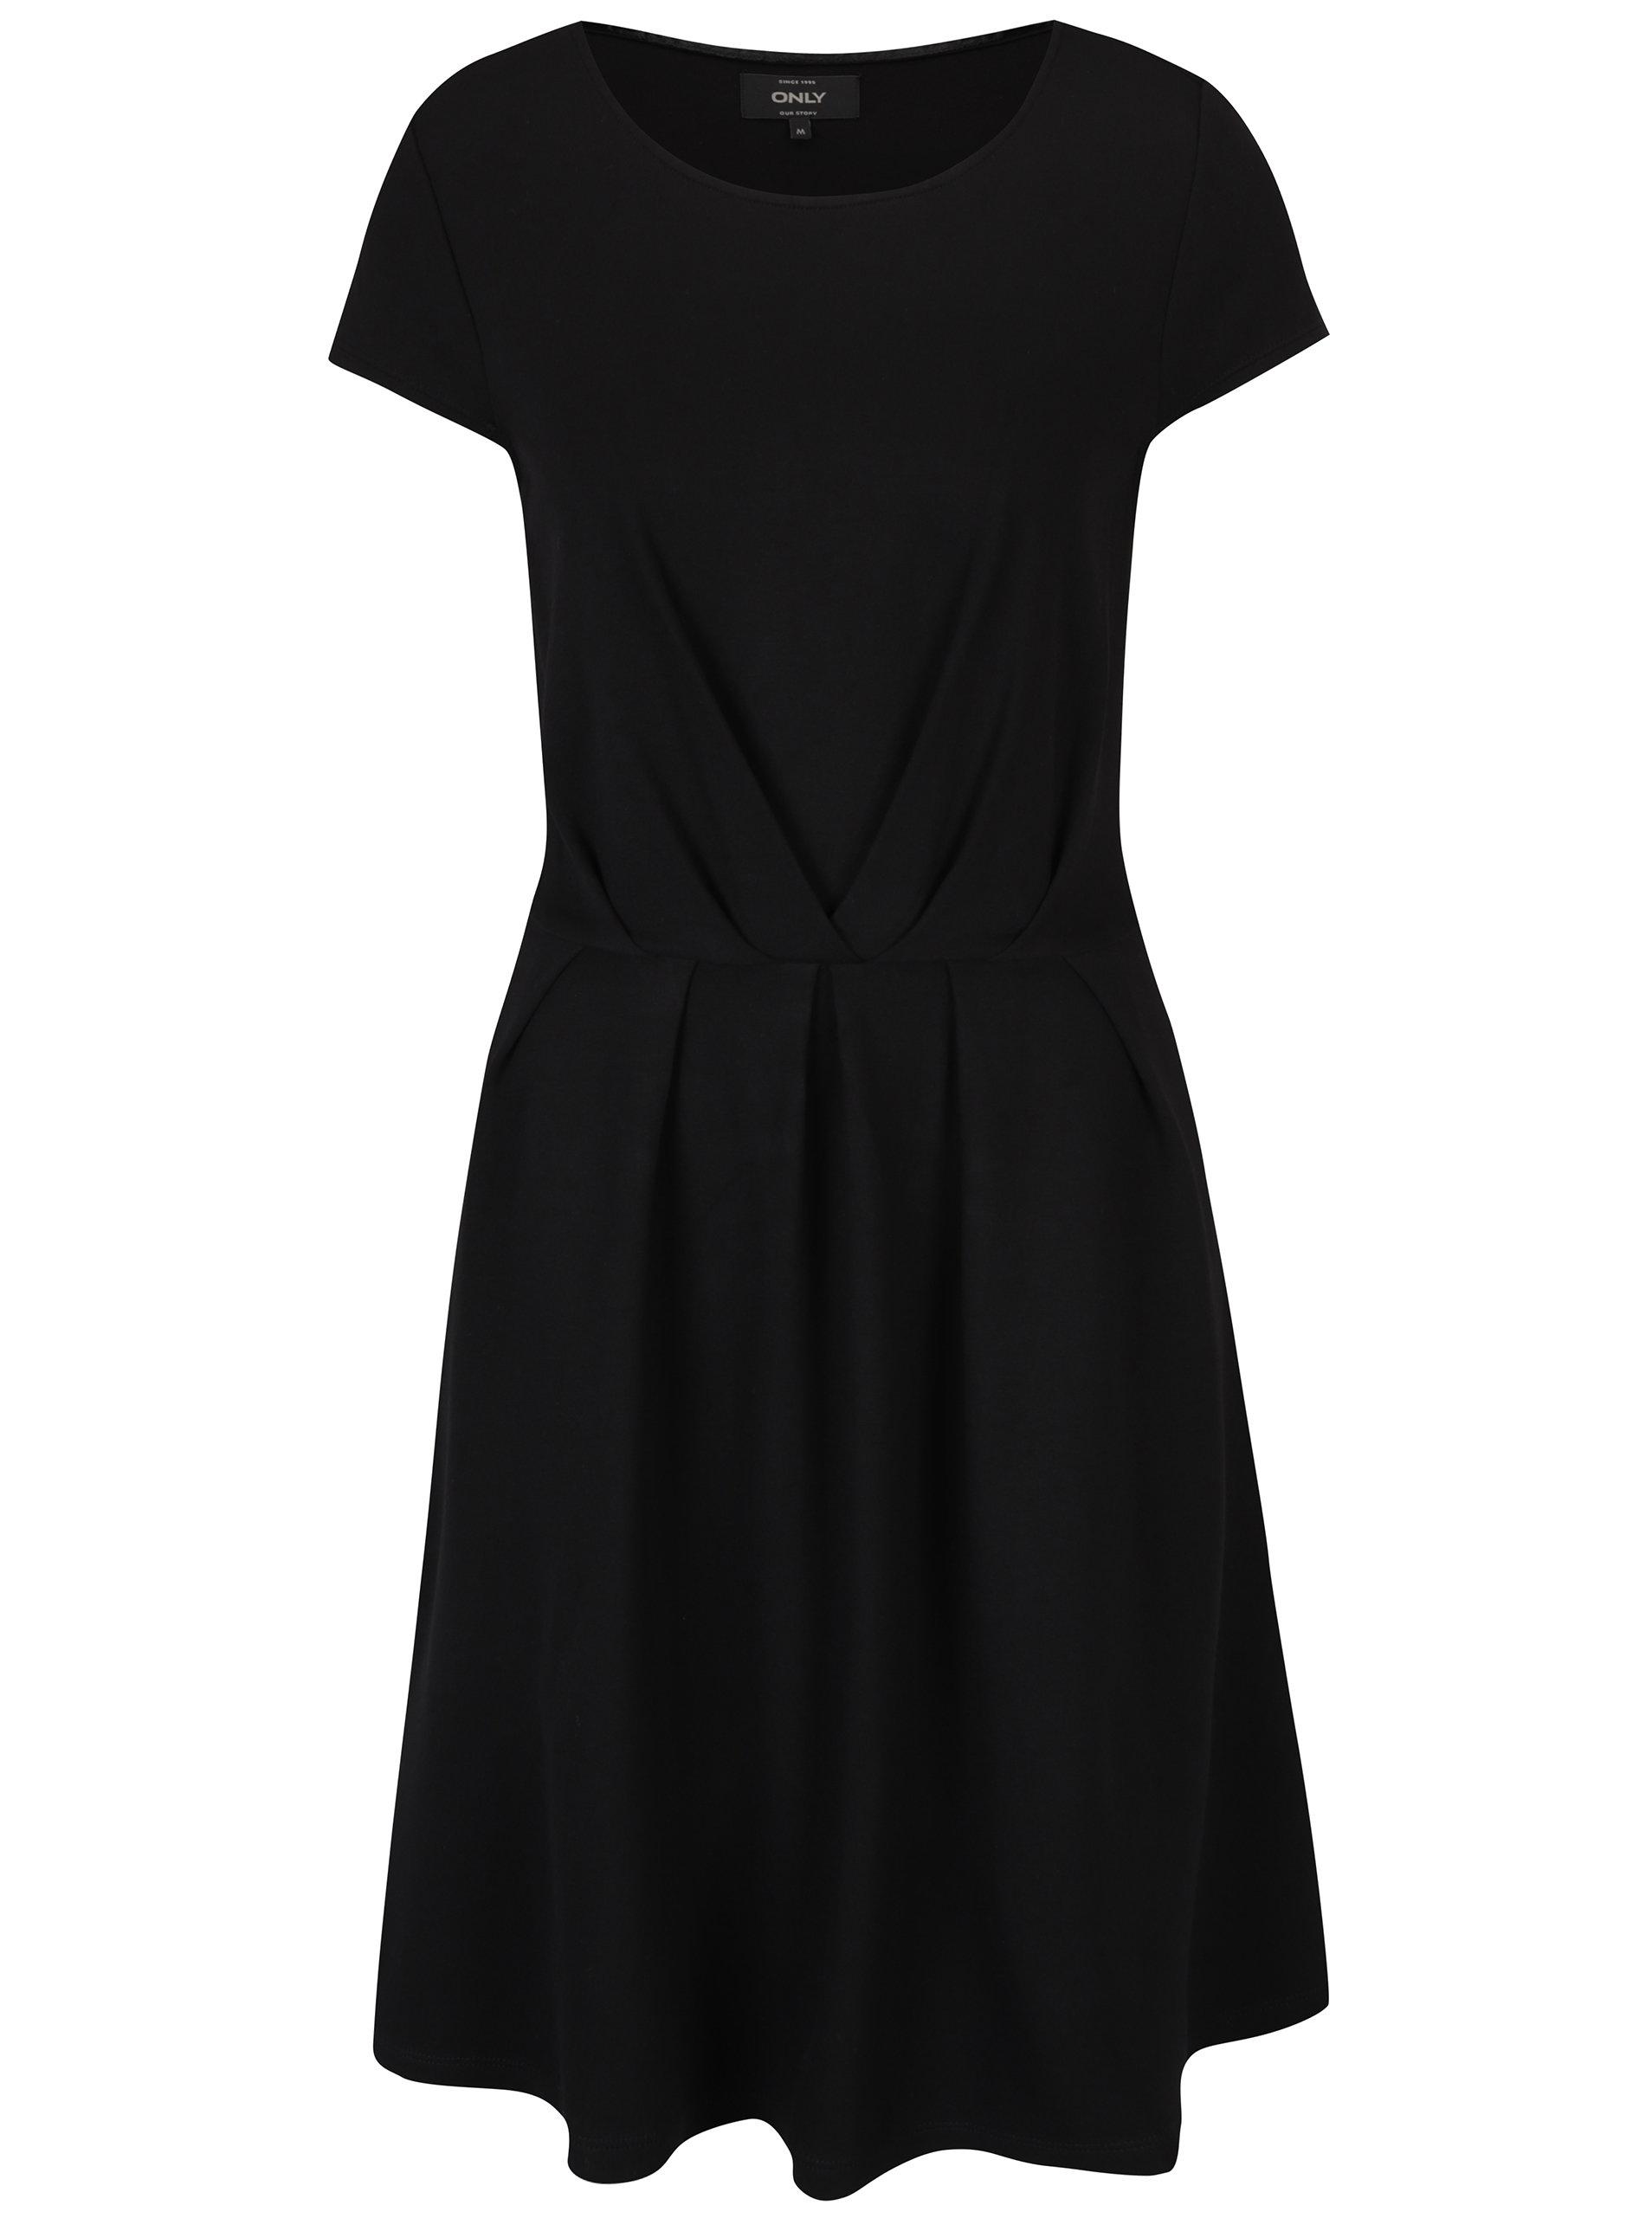 Čierne áčkové šaty s krátkym rukávom ONLY Stine ... 4c4085e2c83